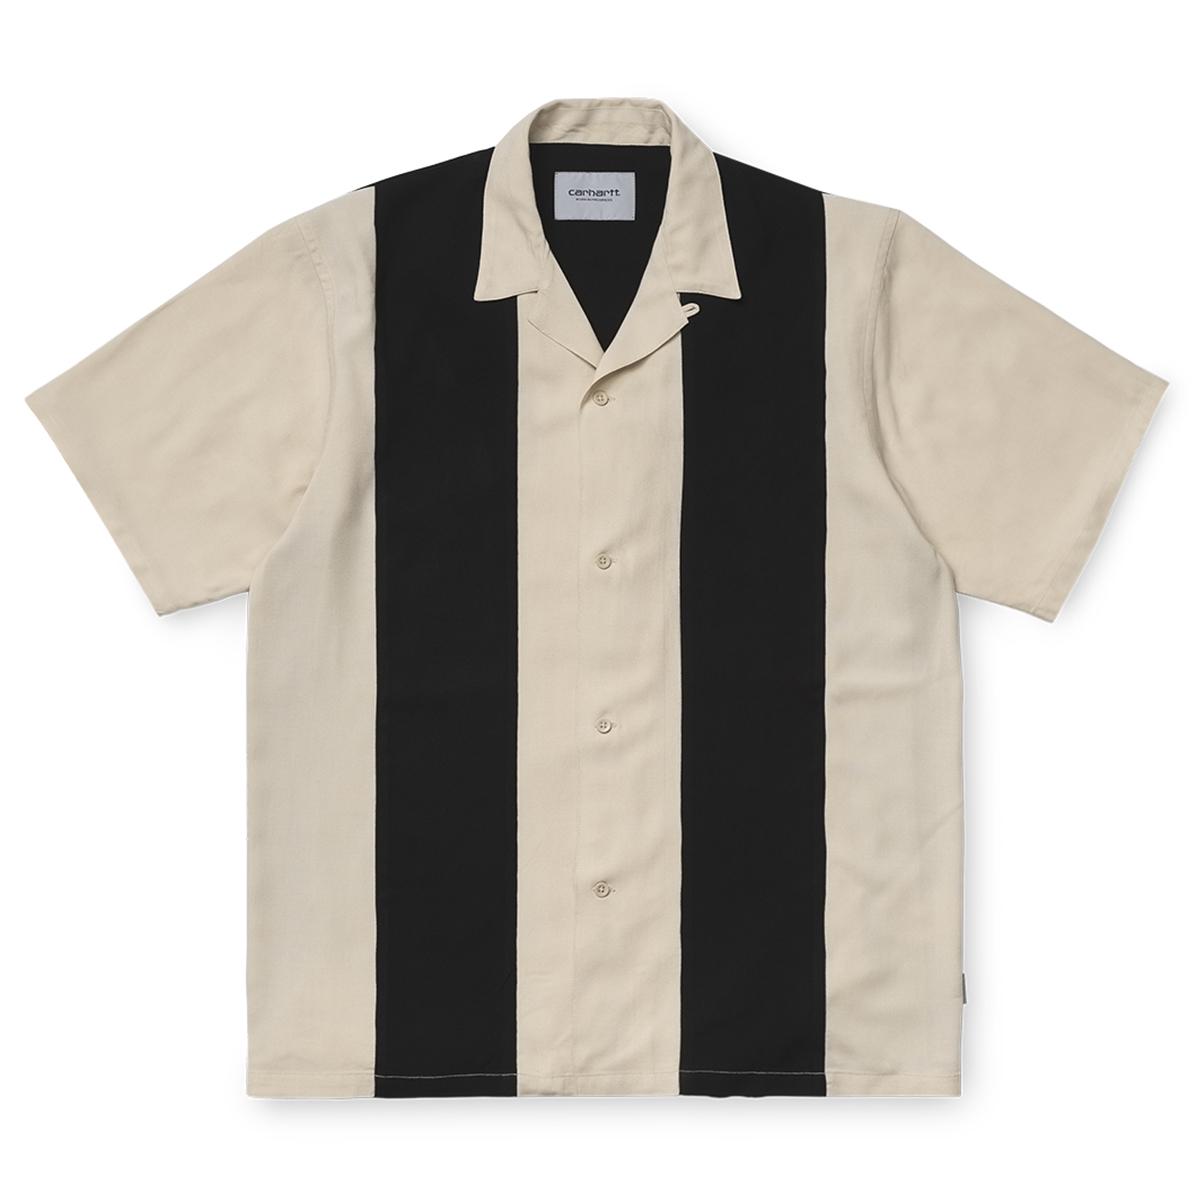 S/S Lane Shirt